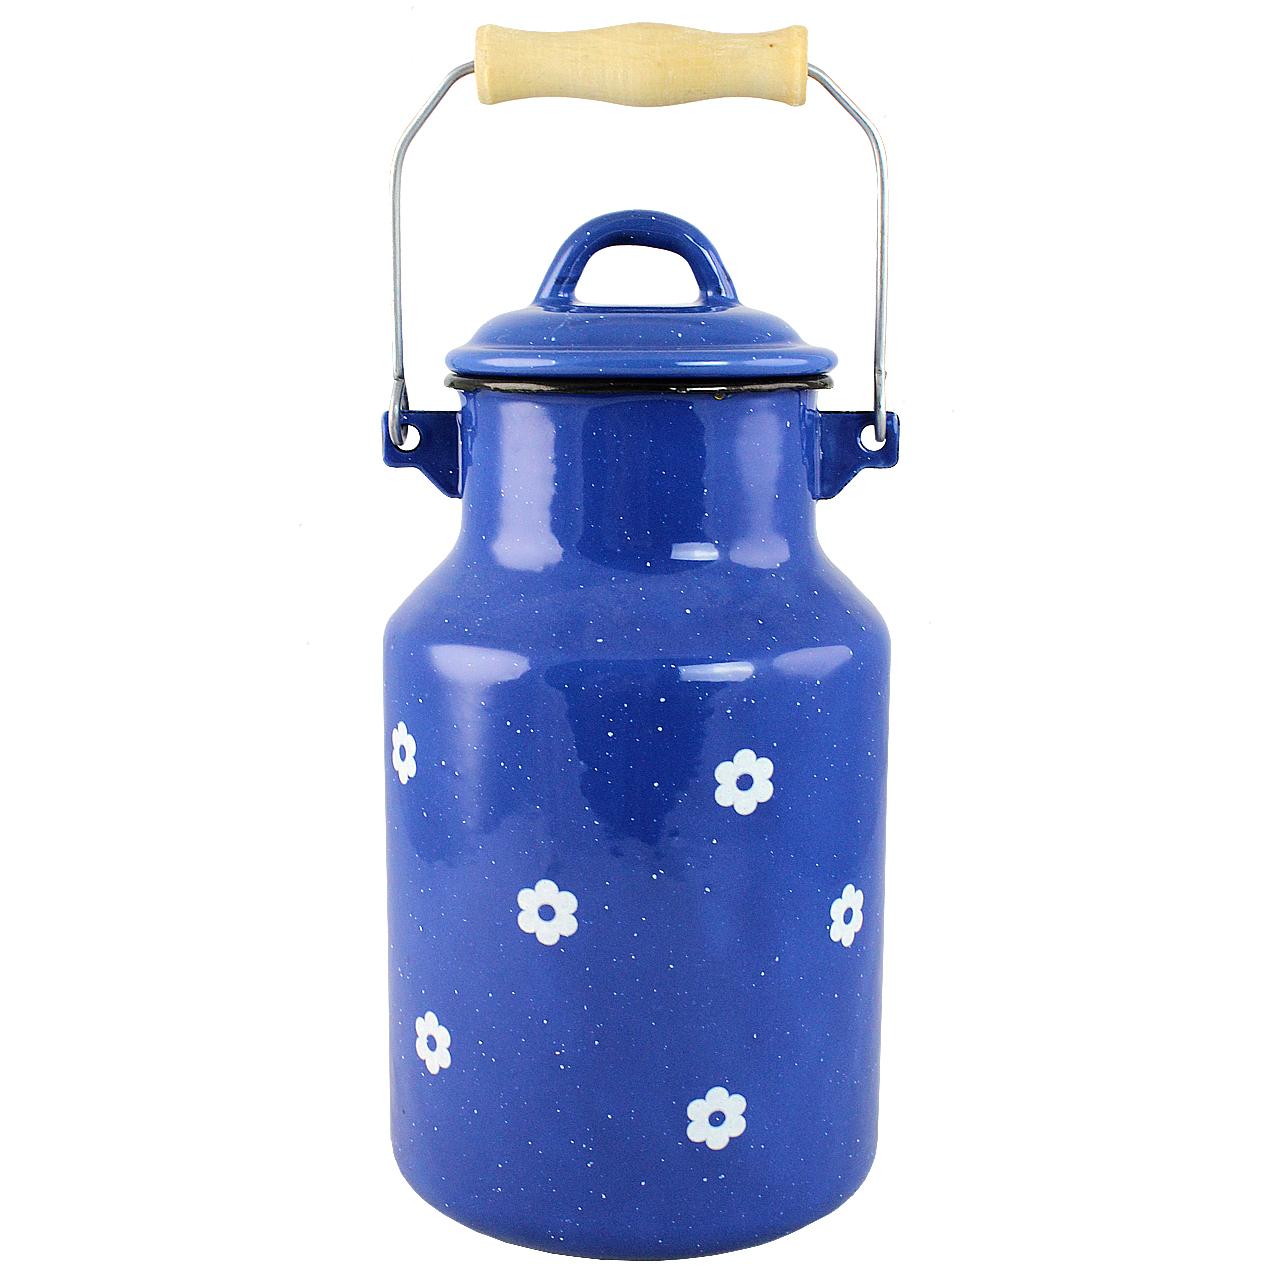 Vas Pentru Lapte Din Metal Albastru Cu Flori